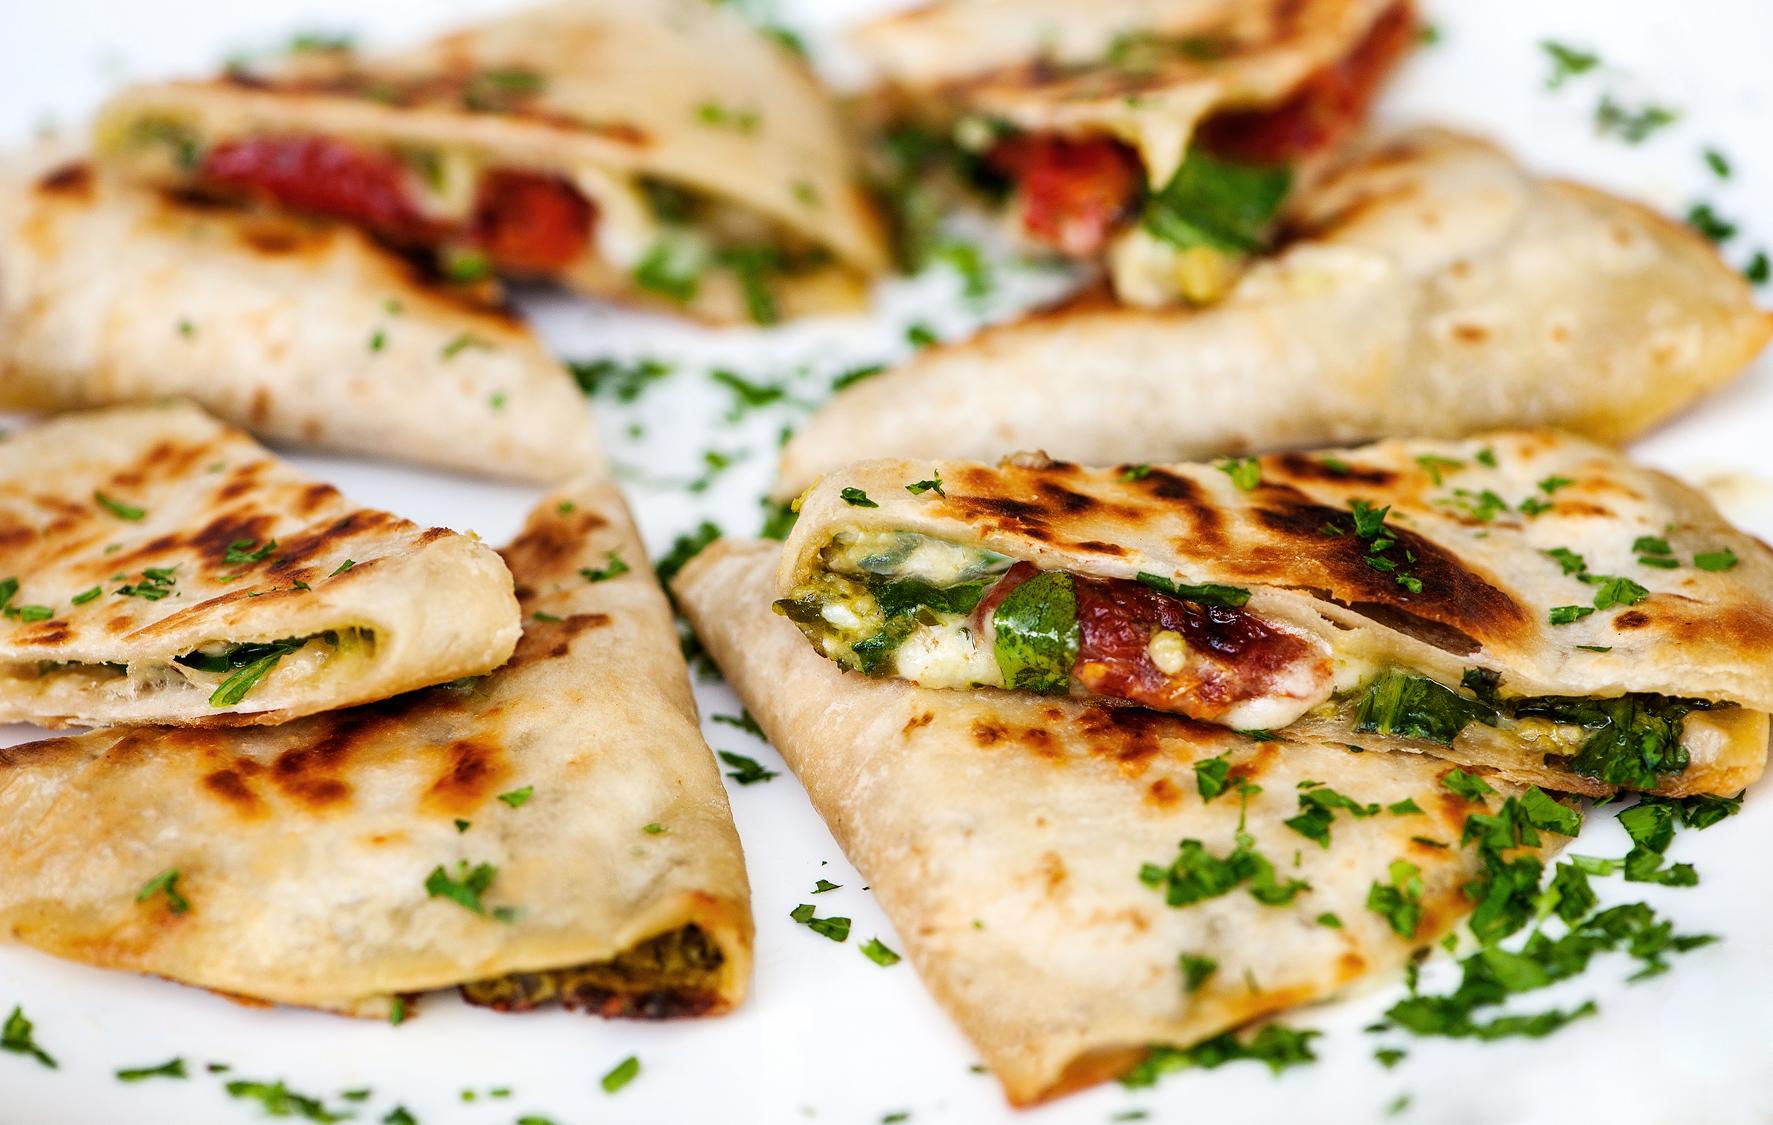 arugula-brie-sun-dried-tomato-quesadillas-with-pesto